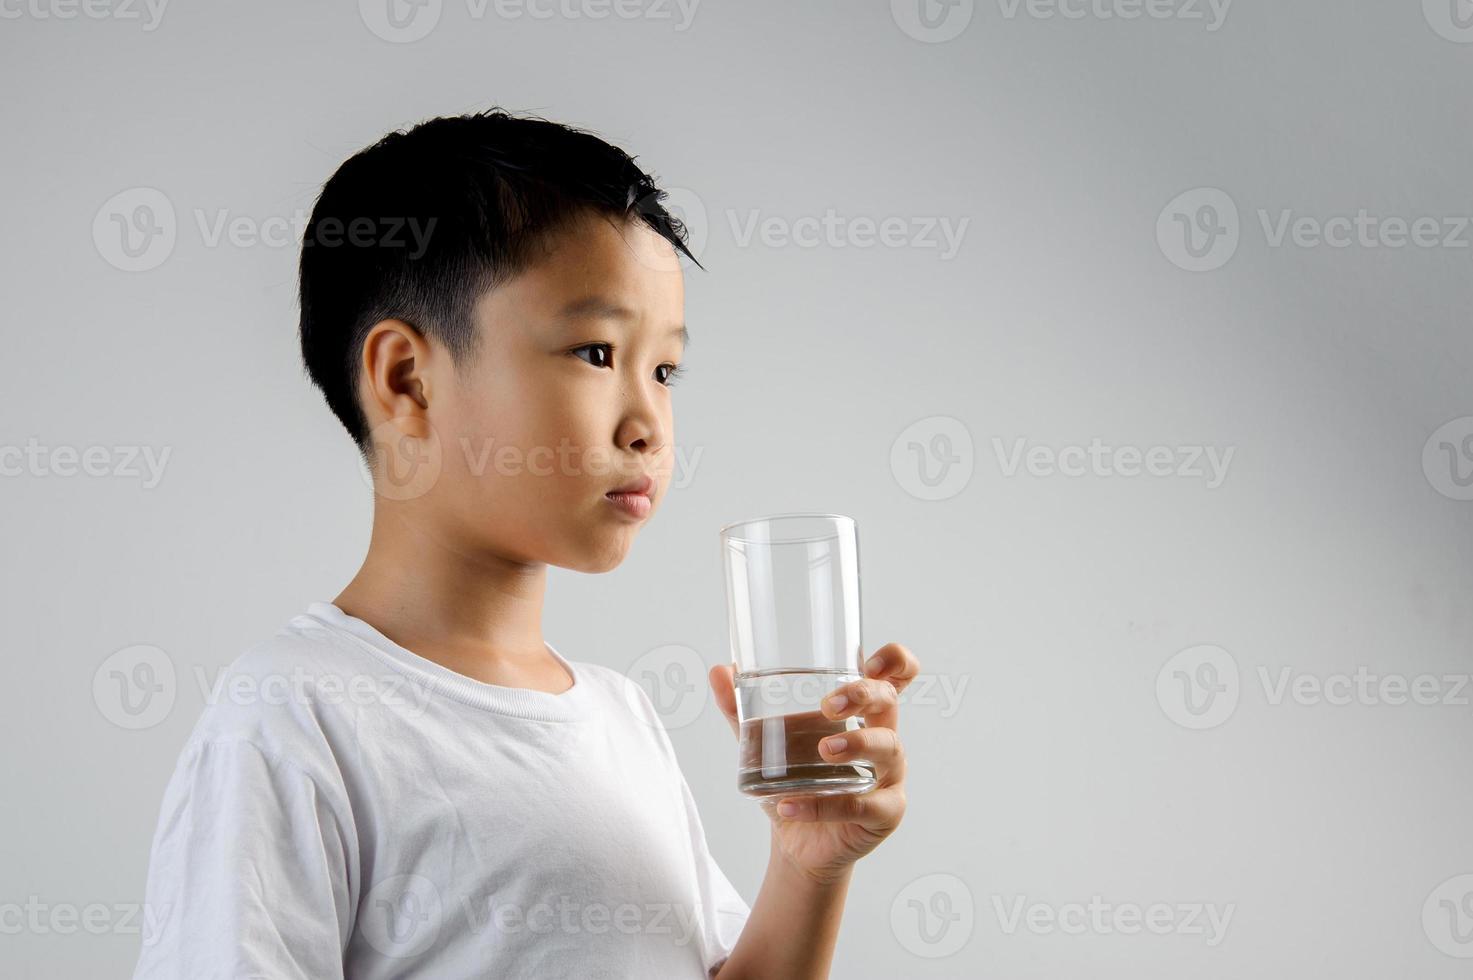 niño bebe agua de vidrio foto